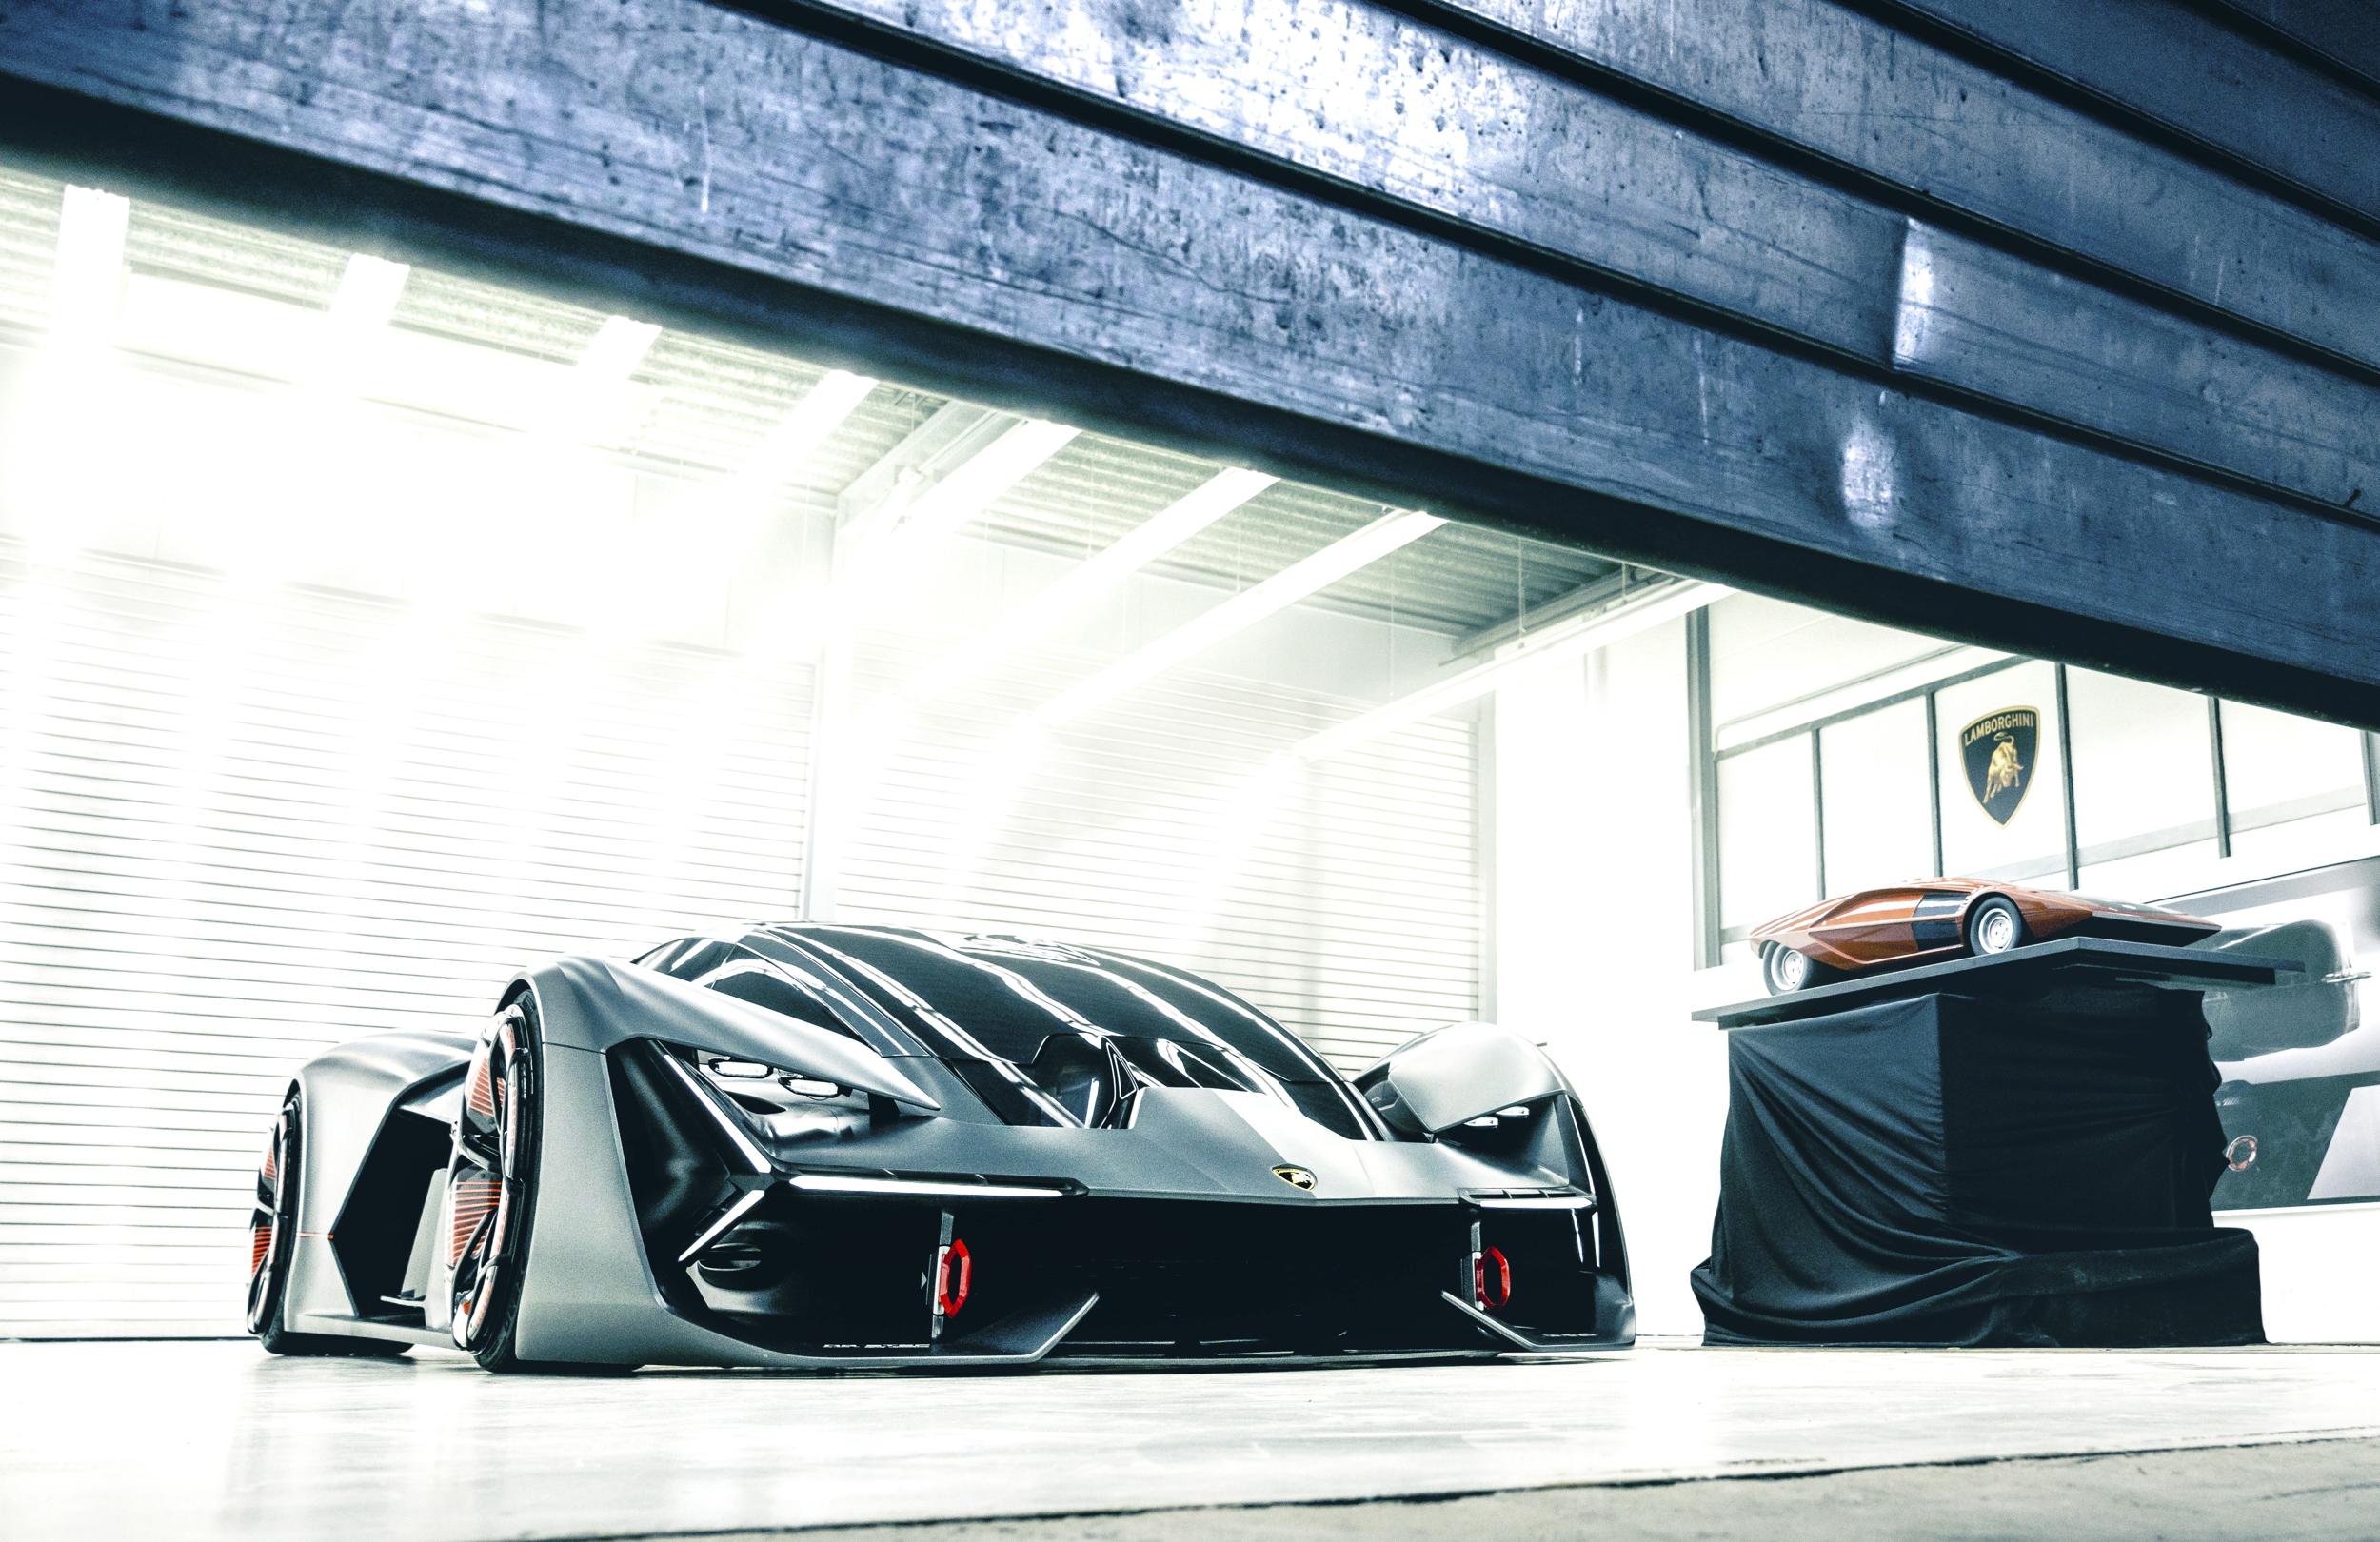 Lamborghini Terzo Millennio front side